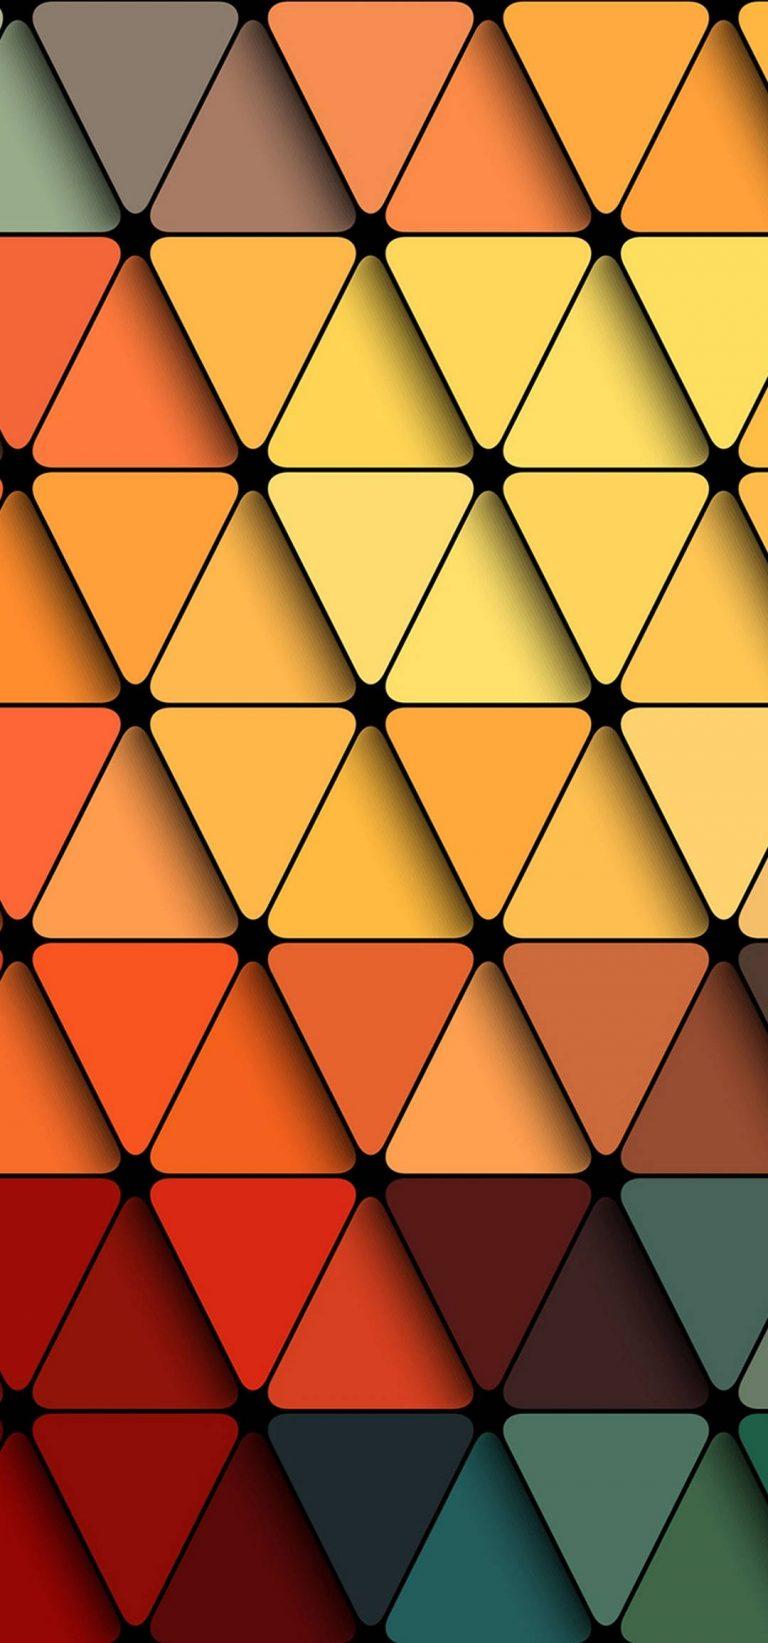 1080x2310 Wallpaper 016 768x1643